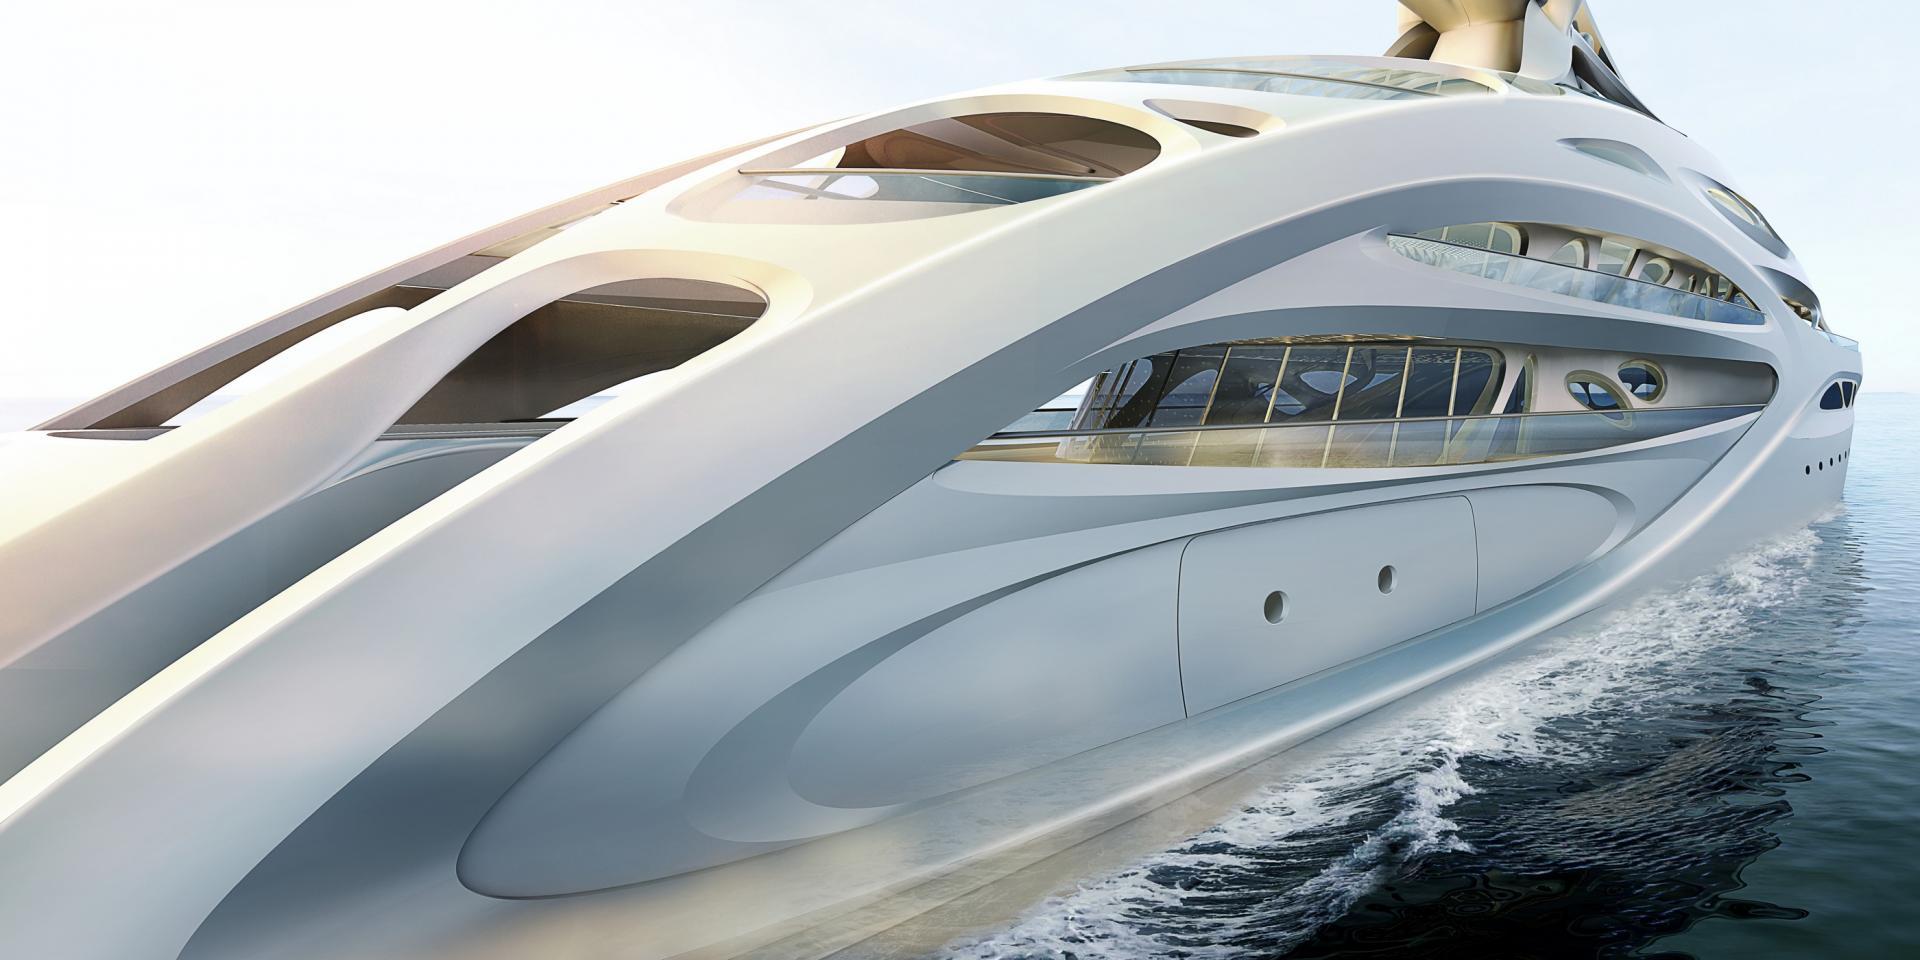 Морская прогулка: парусники и яхты от известных дизайнеров | галерея [2] фото [2]